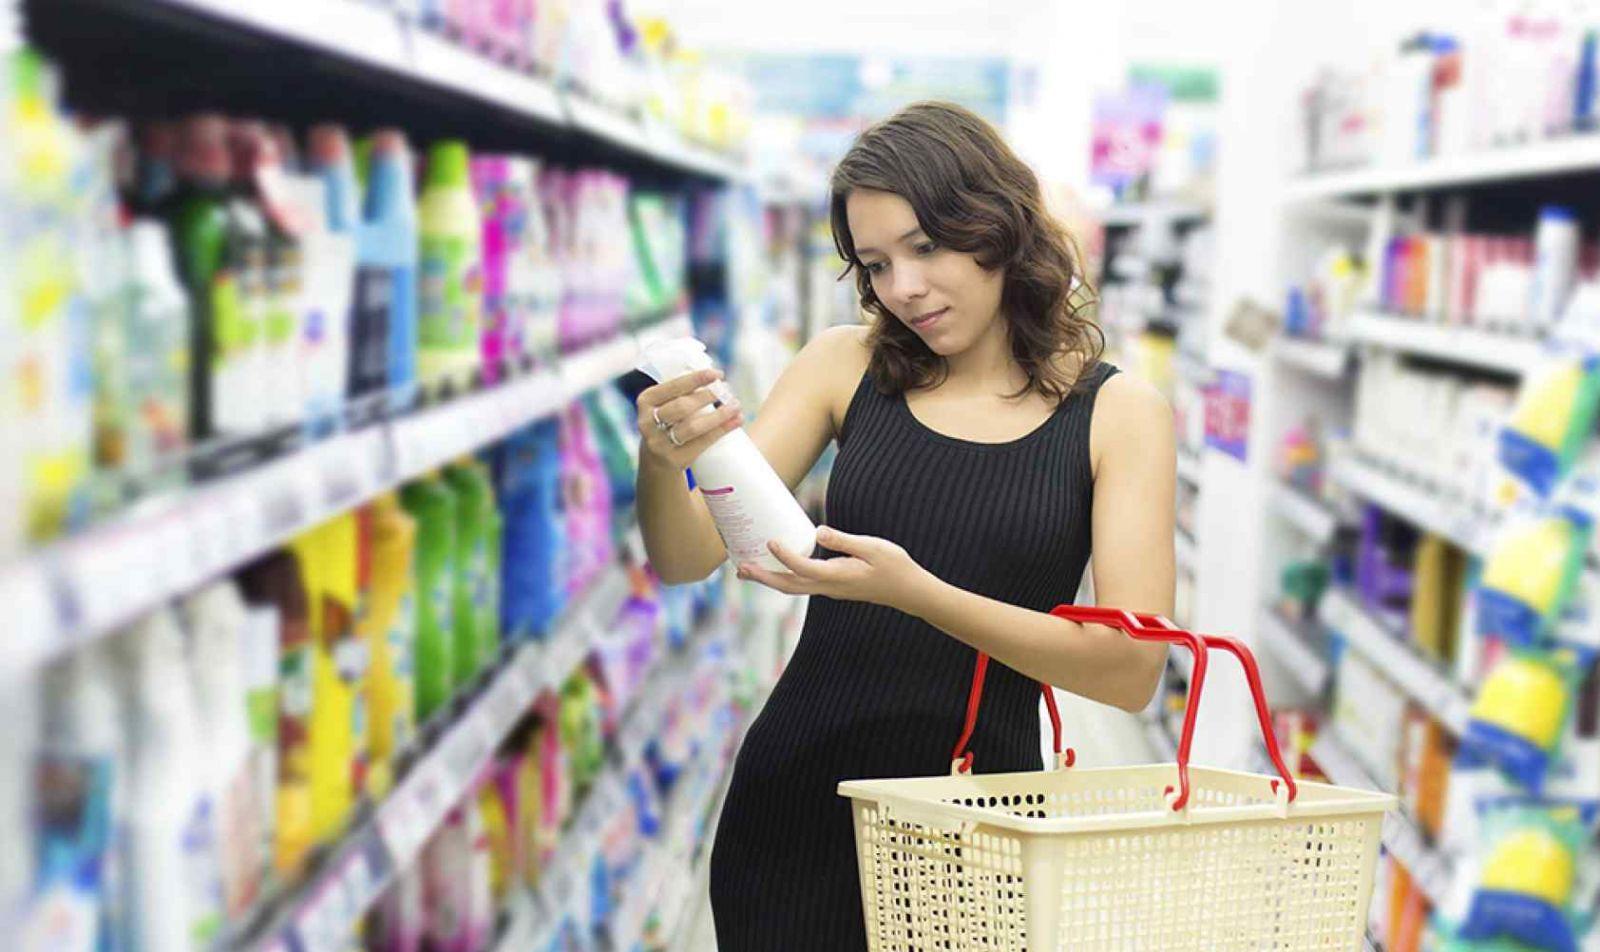 Bỏ thói quen tiêu dùng nhanh, hãy chọn những món đồ đắt tiền nhưng chất lượng là cách lựa chọn thể hiện bạn giỏi quản lý tiền - Ảnh 2.